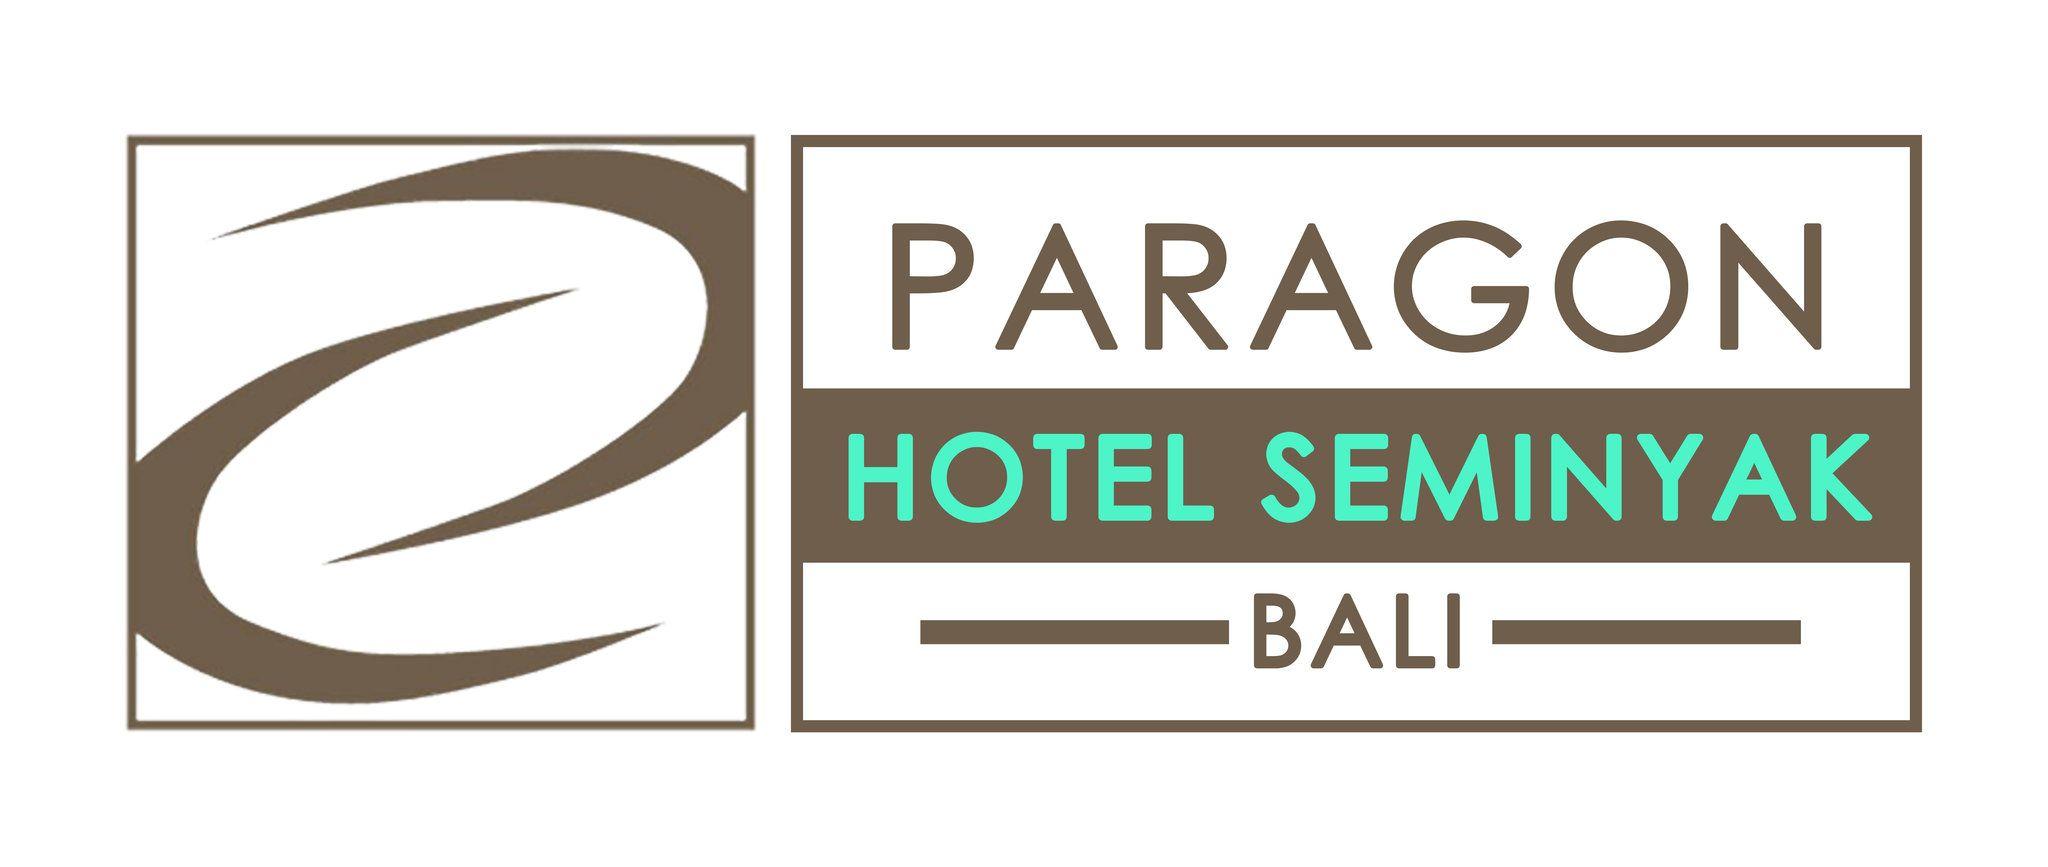 파라곤 호텔 스미냑